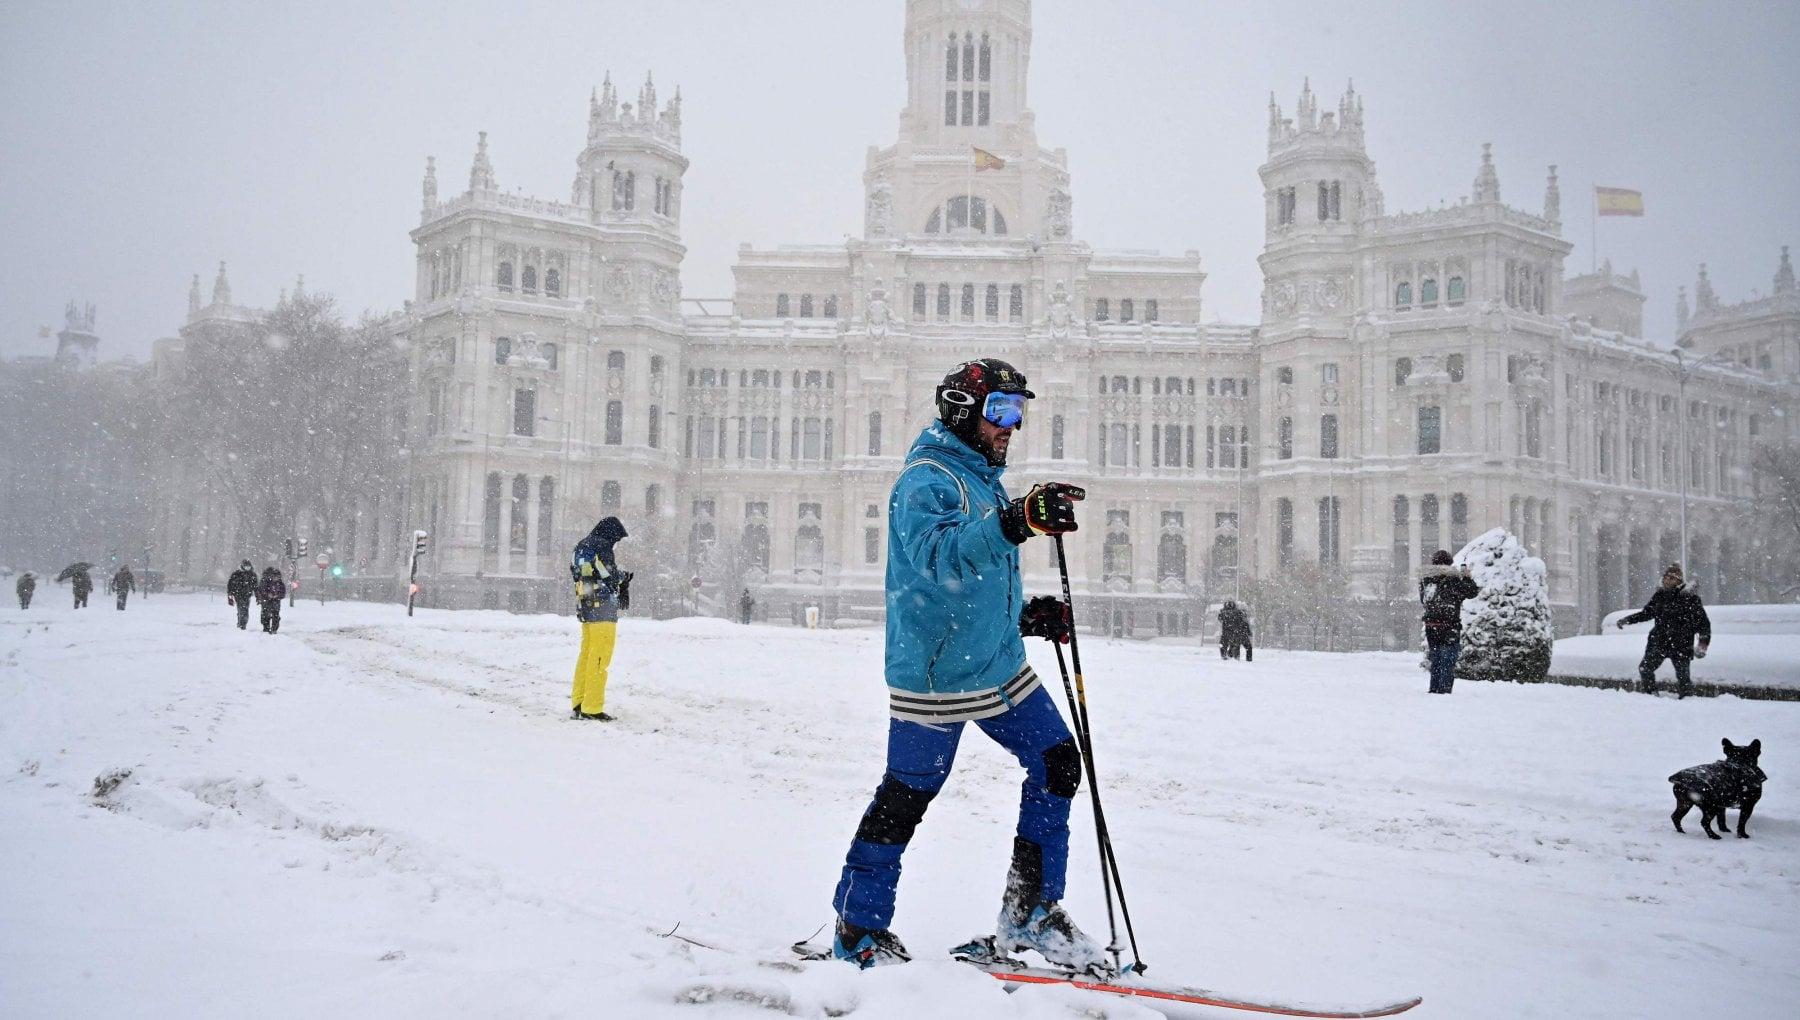 Spagna allerta rossa per la tempesta di neve Filomena la piu forte in 50 anni 3 morti